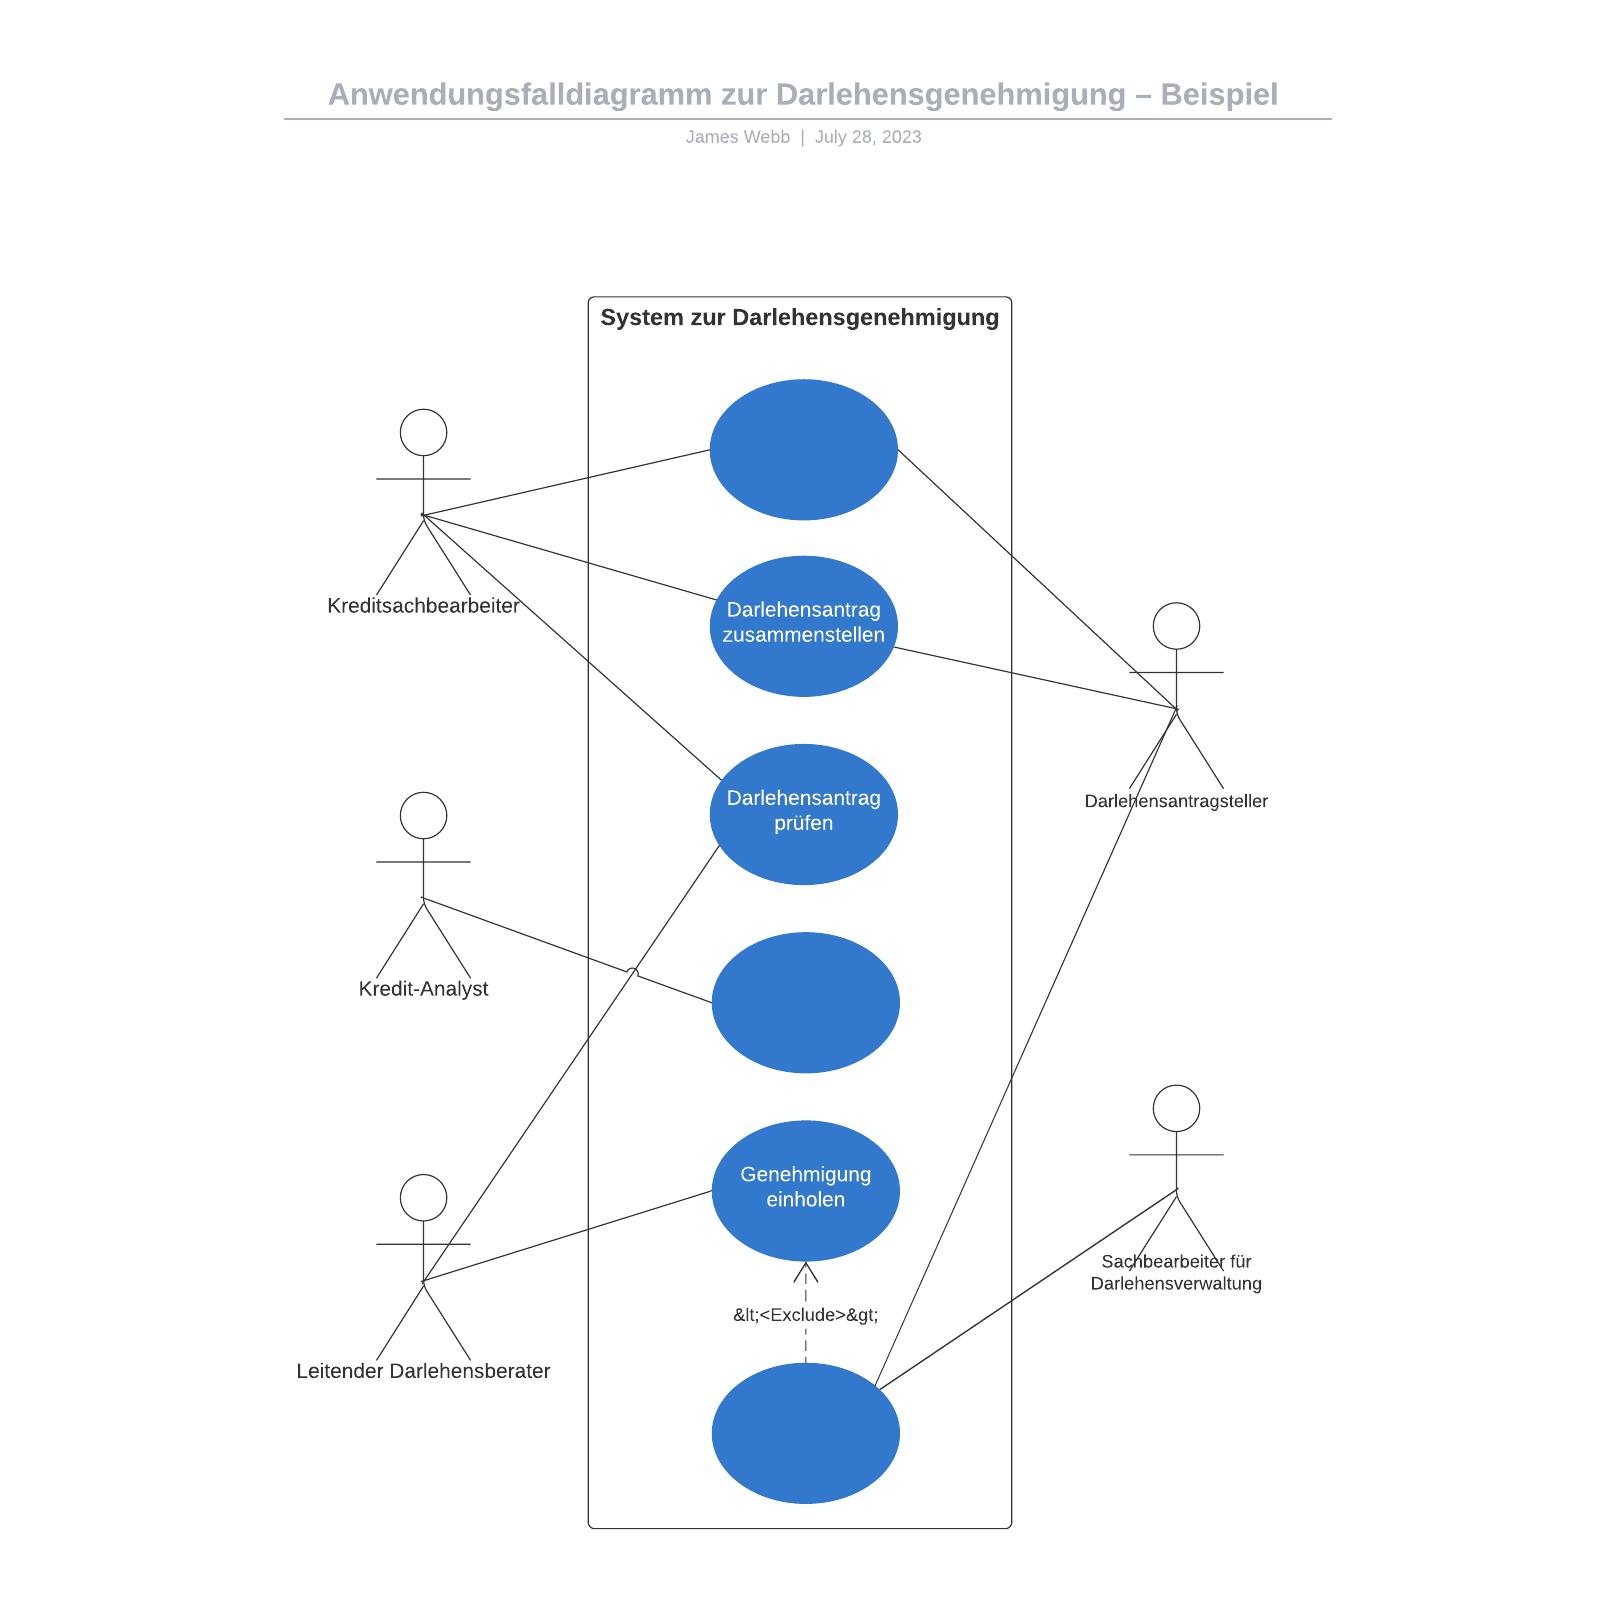 Darlehensgenehmigung Anwendungsfalldiagramm – Beispiel | Lucidchart